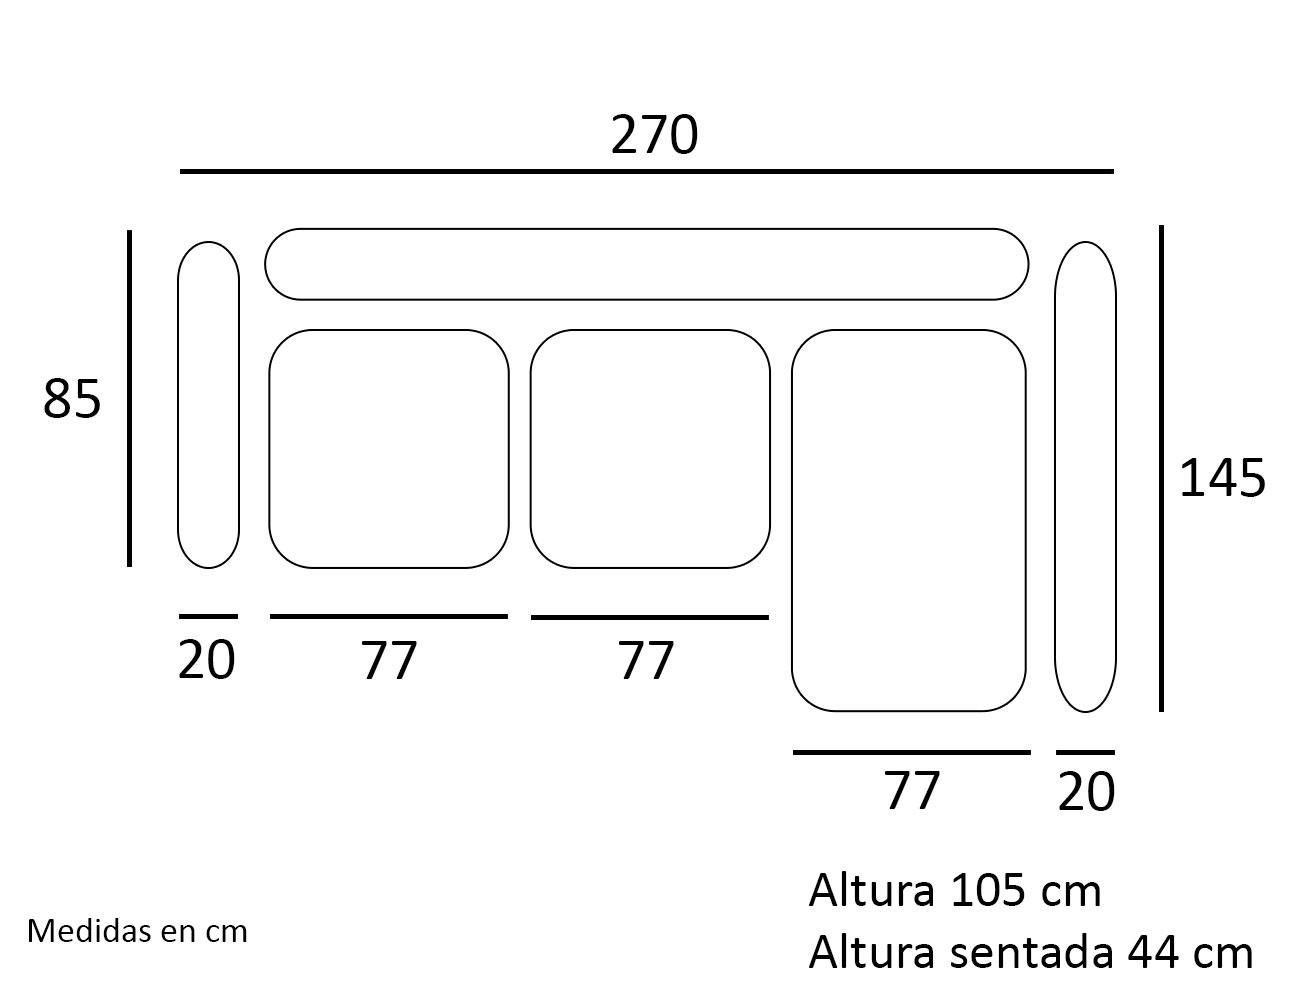 Croquis chaiselongue sofa derecho 2706